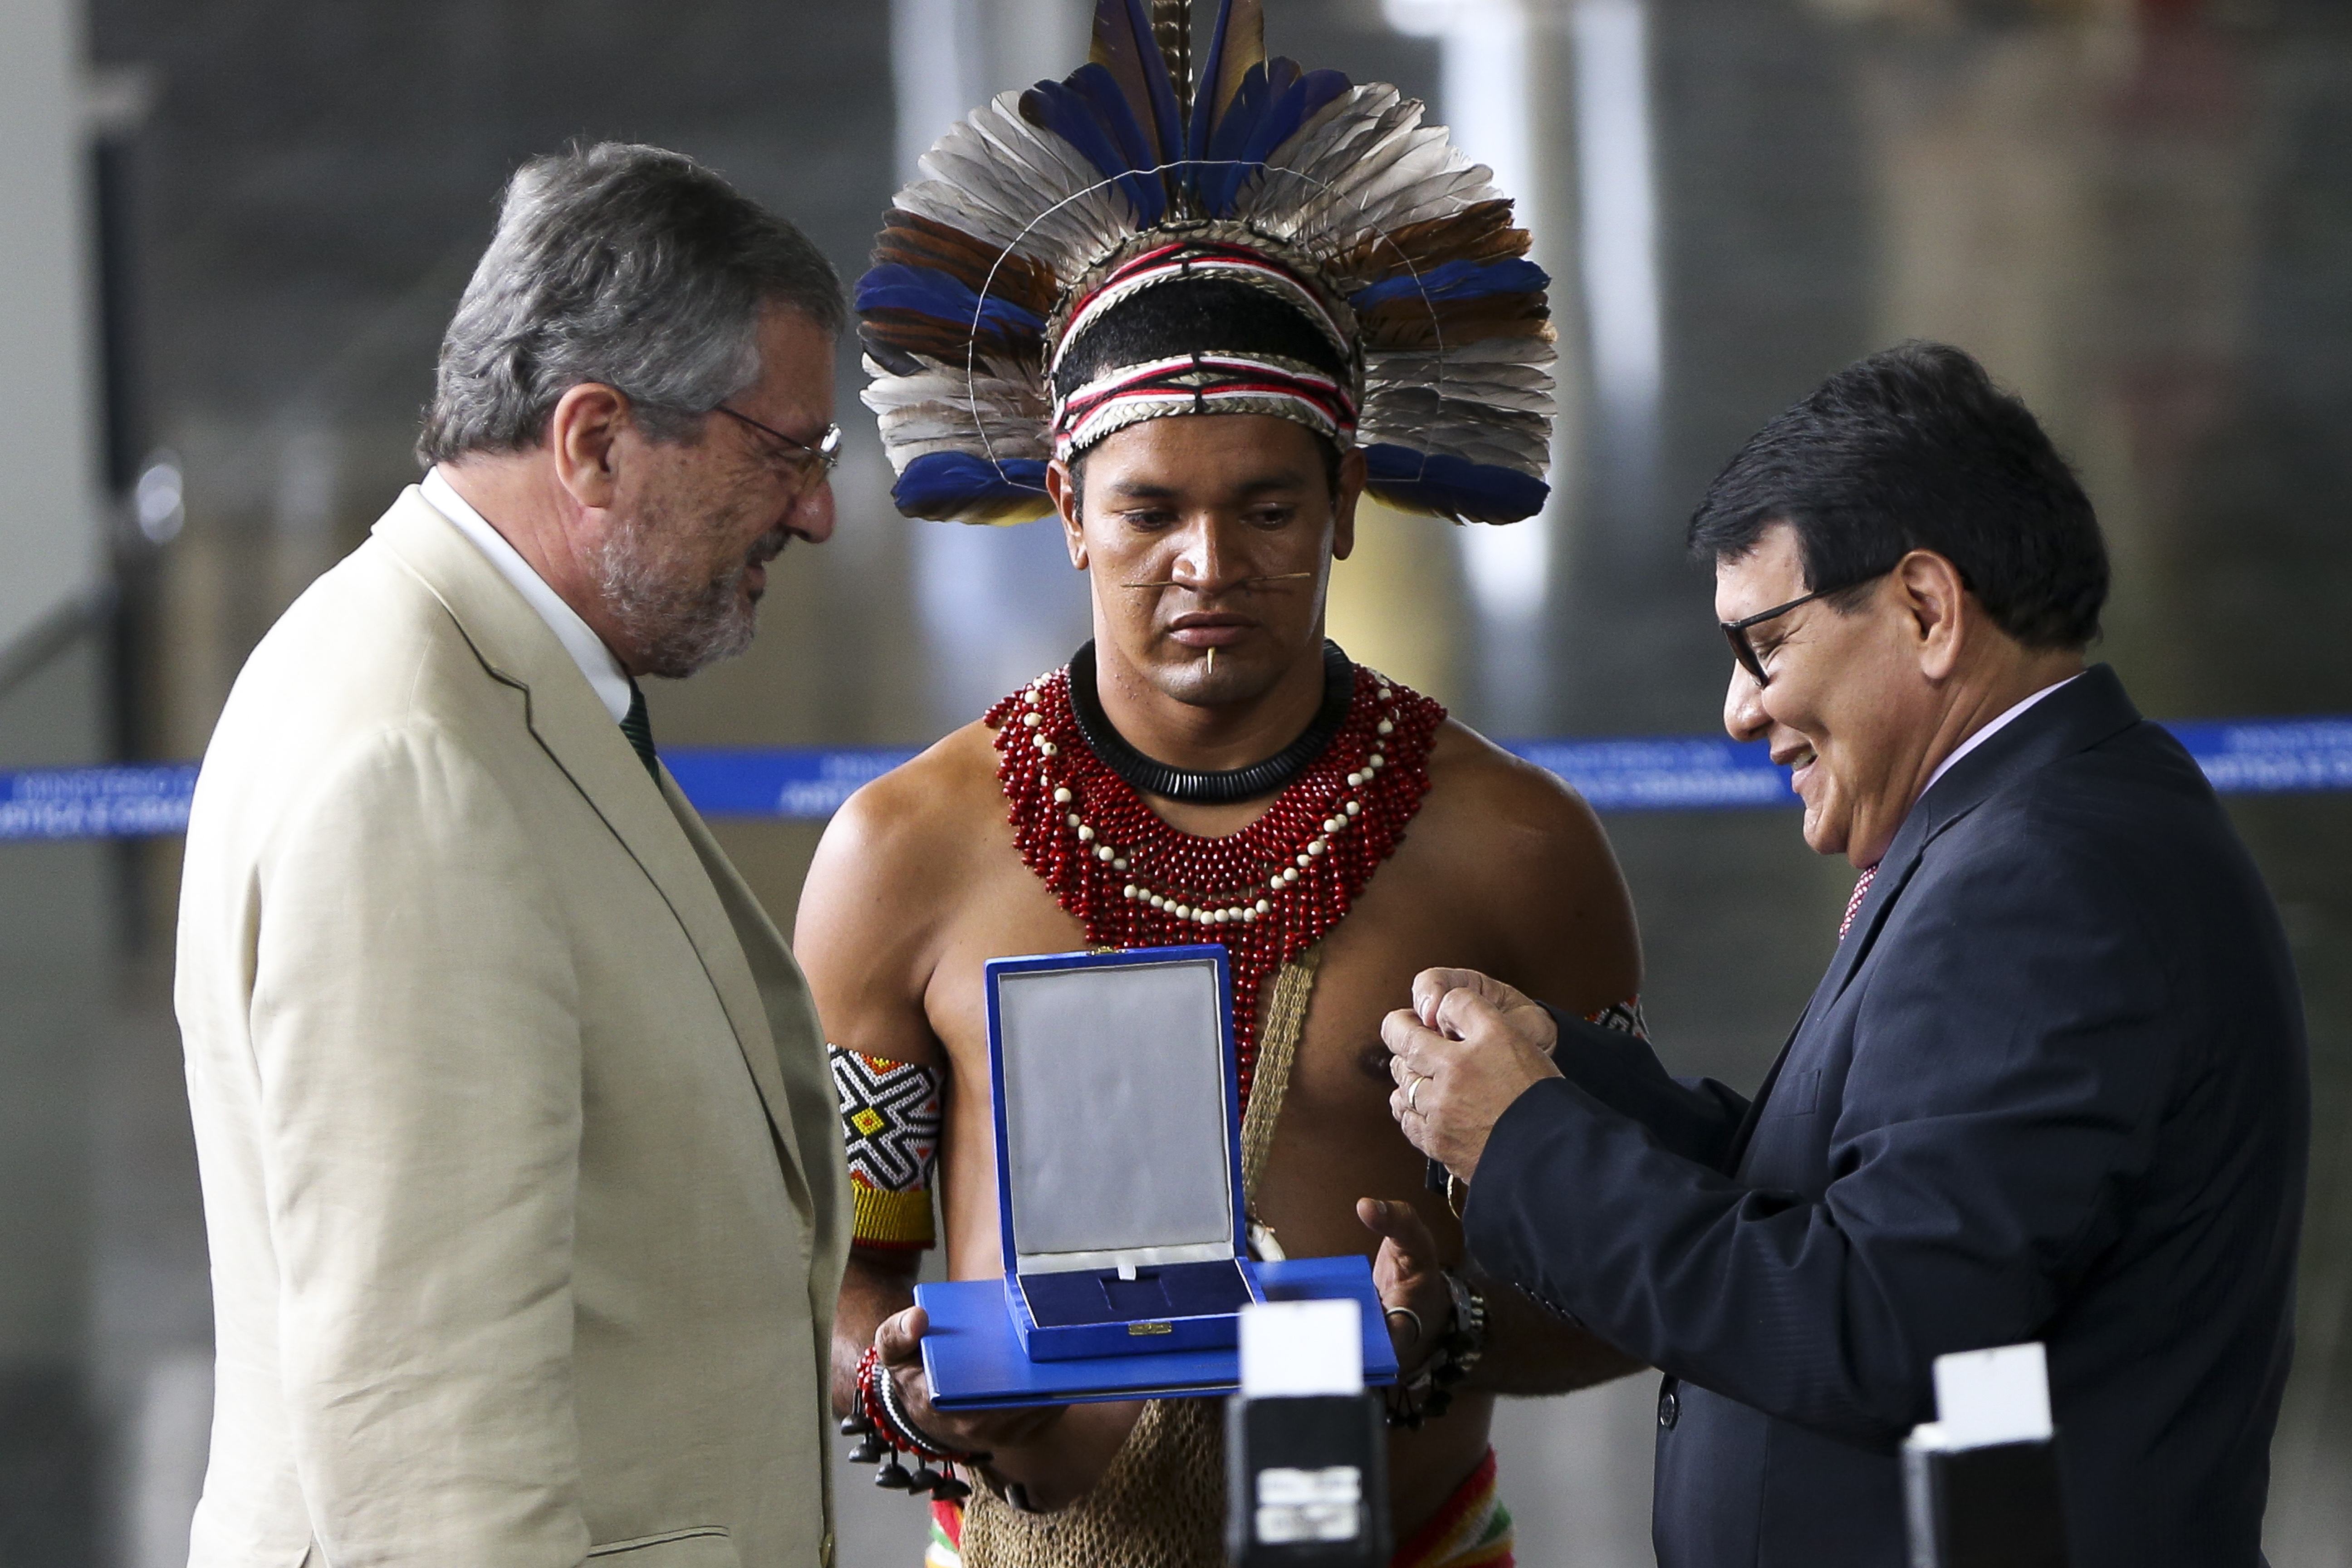 Brasília - O presidente da FUNAI, Franklimberg Ribeiro de Freitas, entrega medalha ao ministro da Justiça, Torquato Jardim, durante a abertura da Semana do Índio (Marcelo Camargo/Agência Brasil)